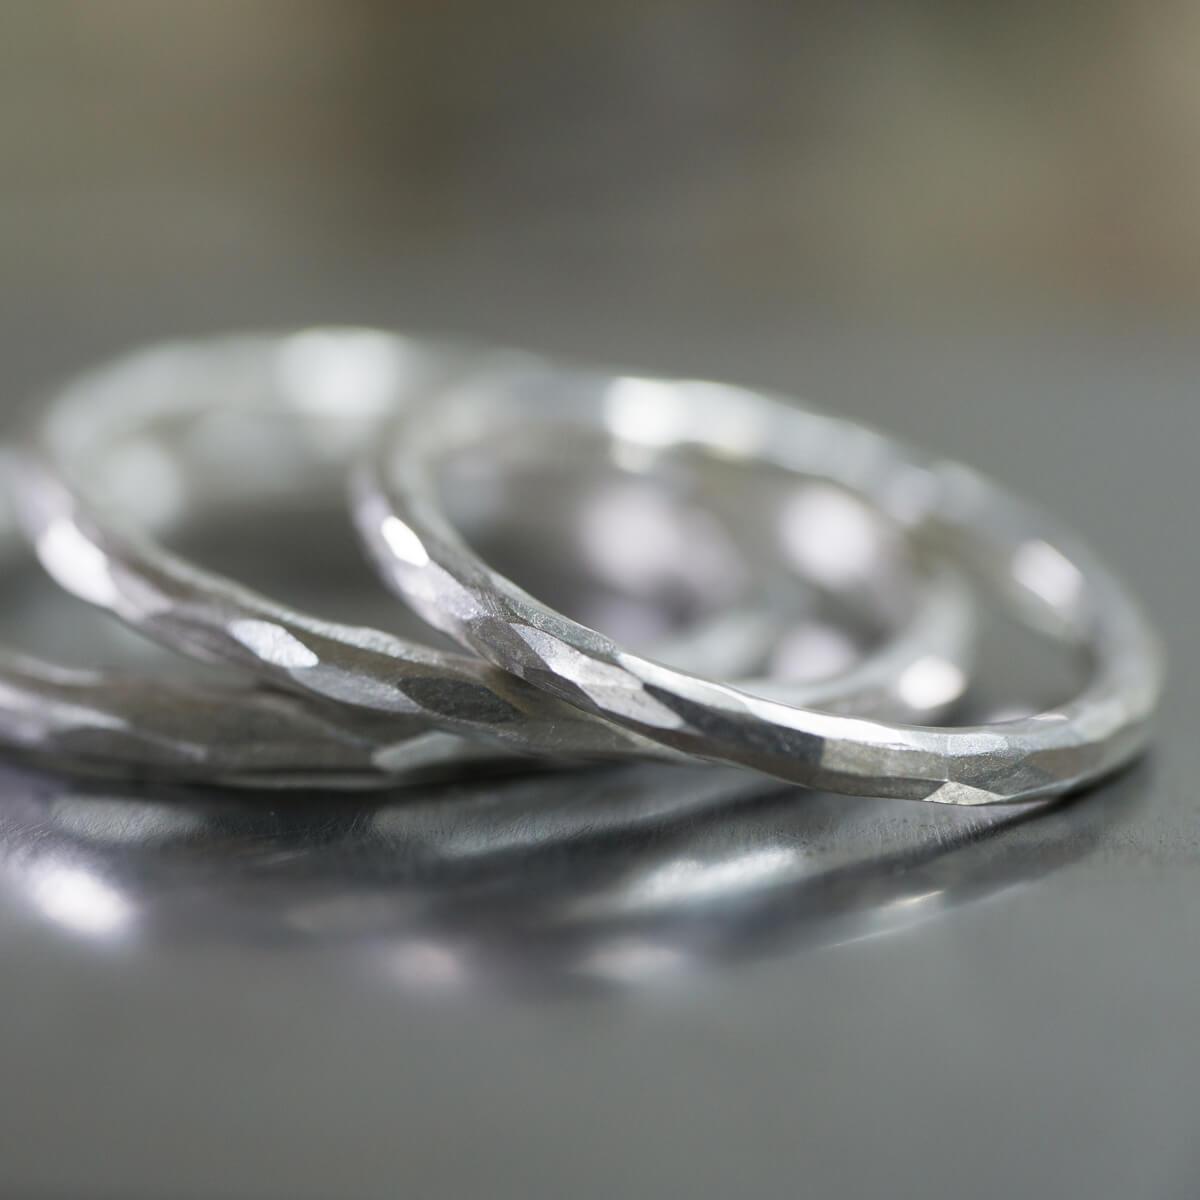 角度2 ジュエリーのアトリエにシルバーリング 結婚指輪のサンプルリング 屋久島でつくる結婚指輪